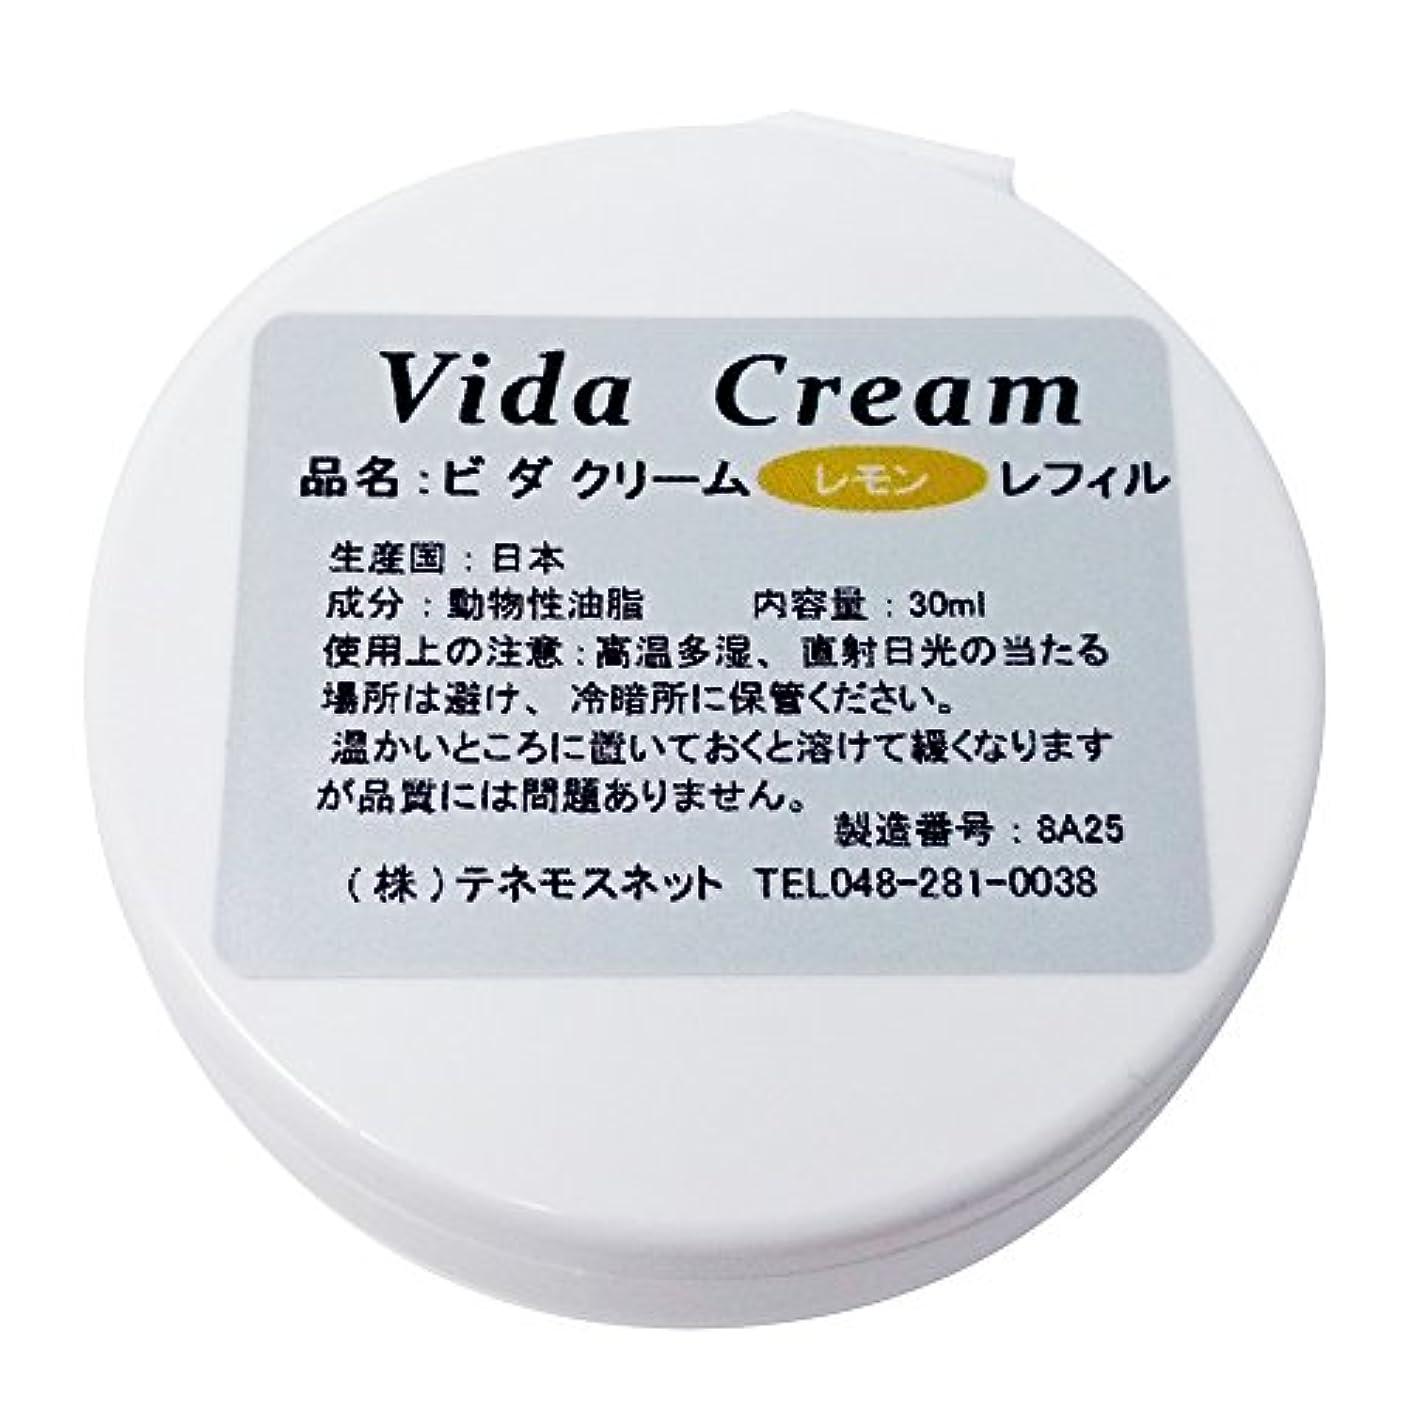 ゴシップキャップ山テネモス ビダクリーム Vida Cream ほのかレモン レフィル 付替用 30ml